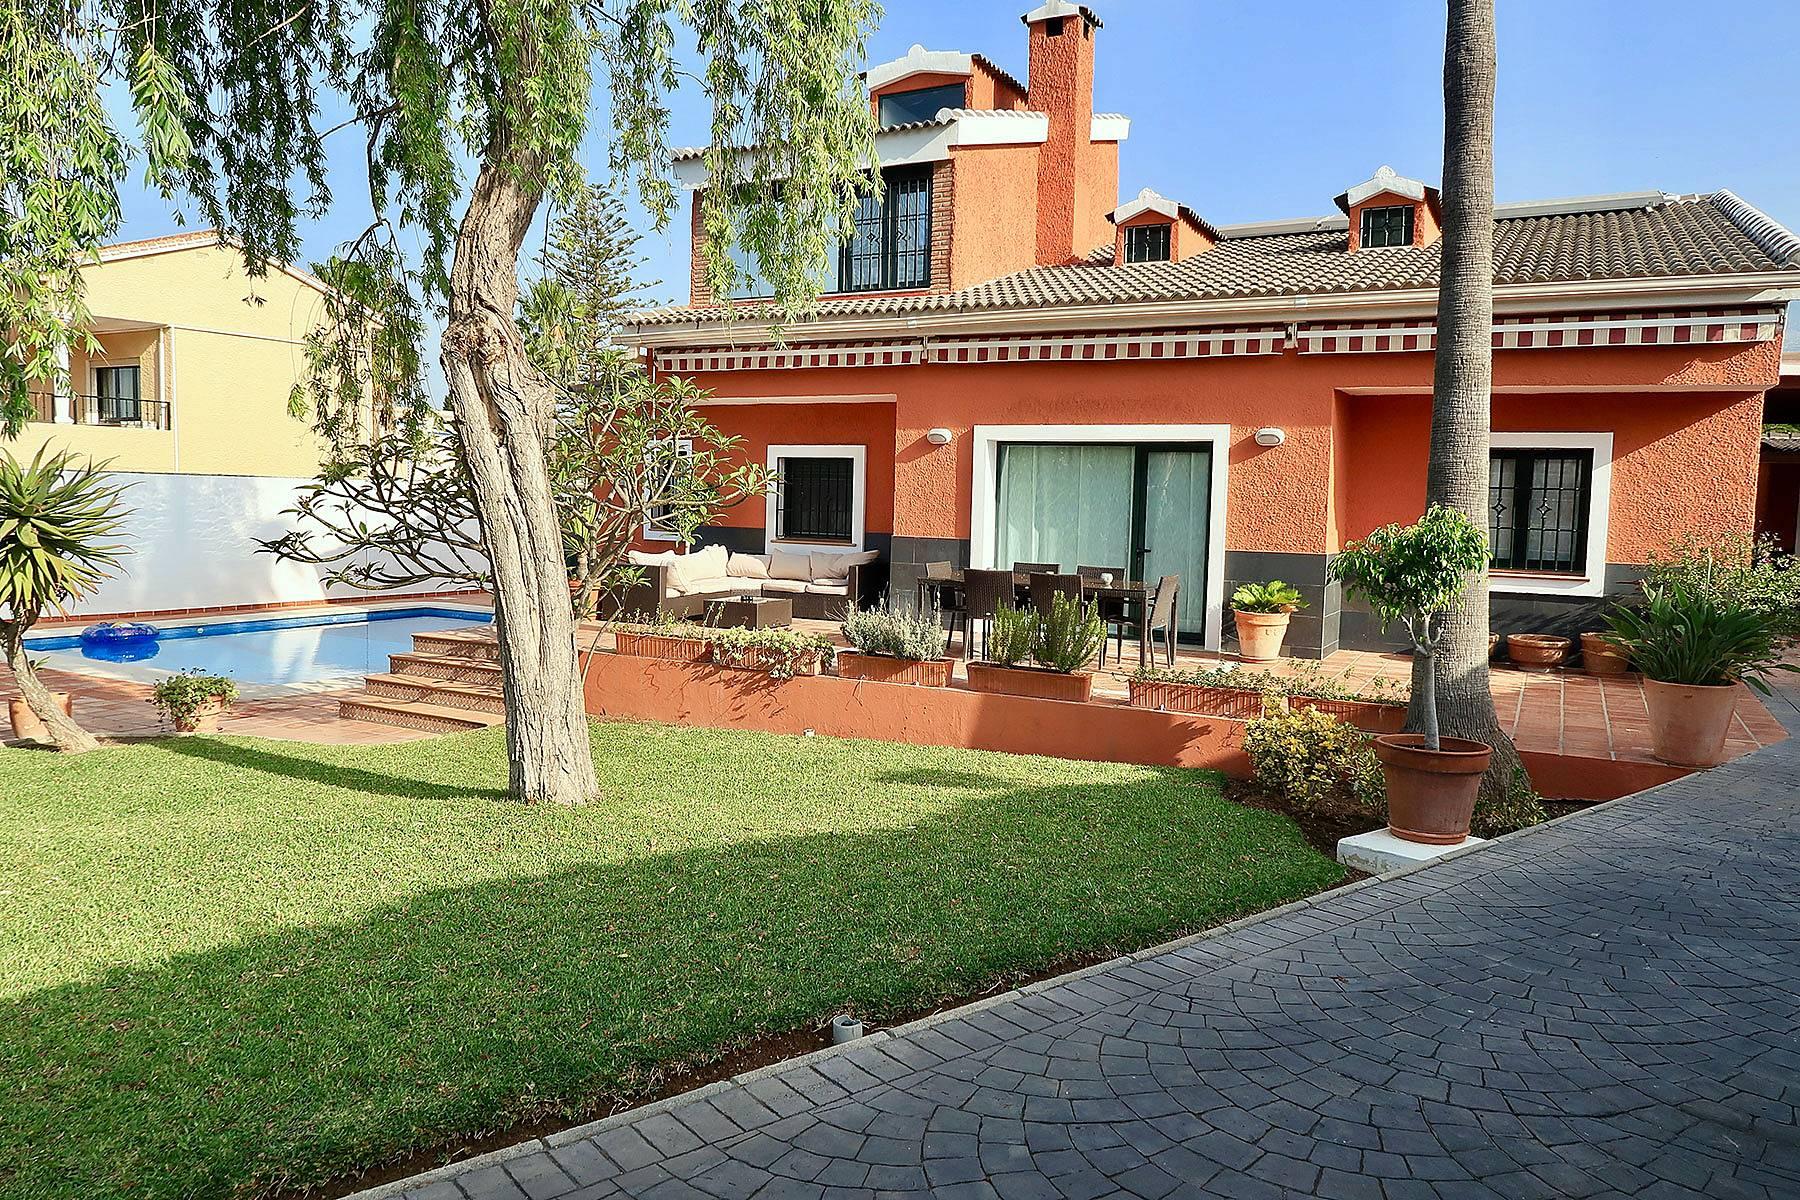 Villa con piscina y barbacoa cerca de la playa las for Fotos de casas con jardin y alberca